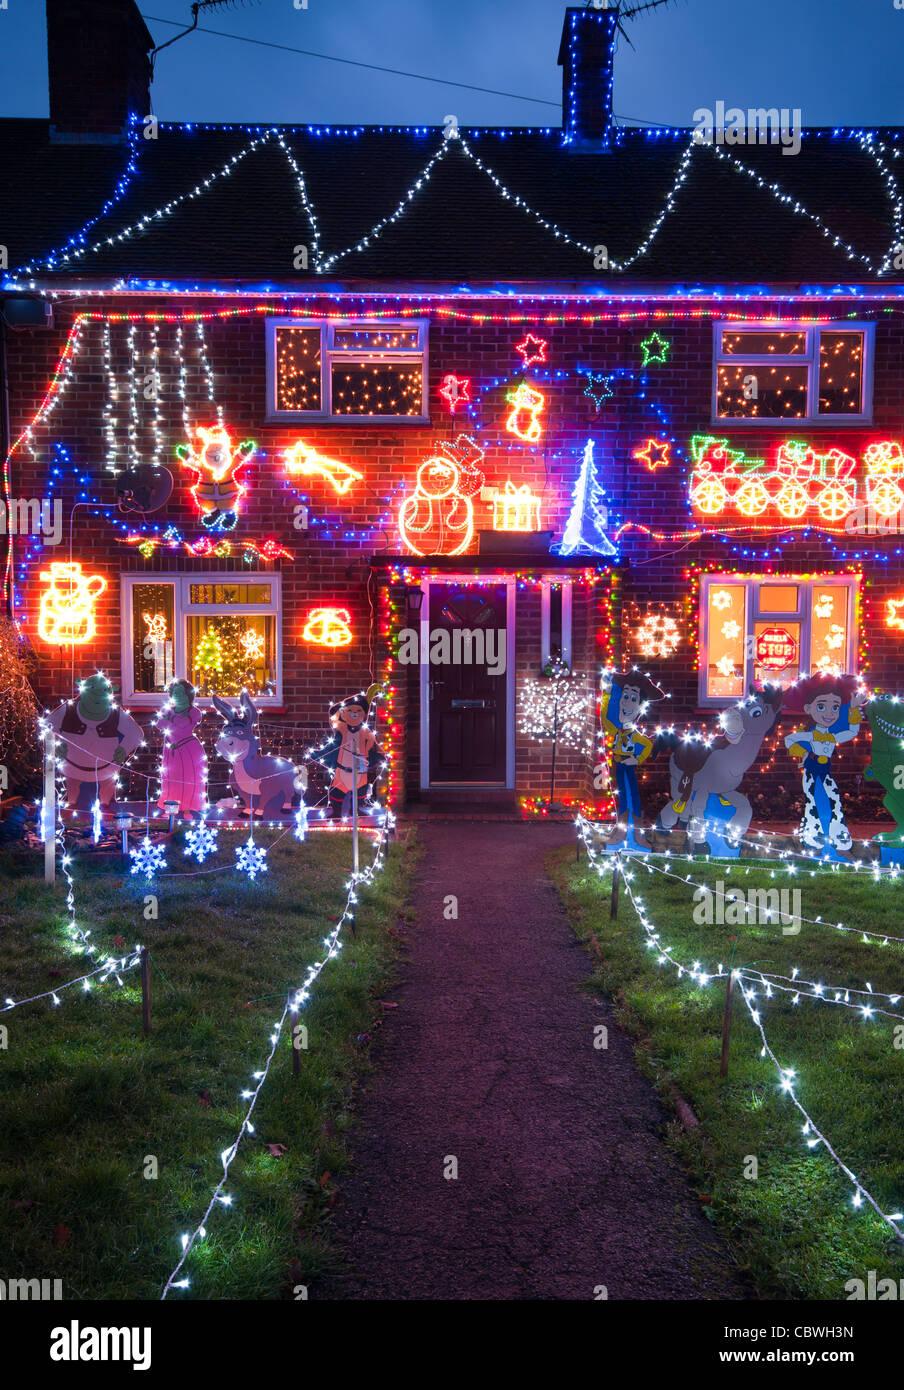 Decorazioni Natalizie Esterno Casa.L Esterno Di Una Casa Illuminata Con Le Luci Di Natale Al Crepuscolo